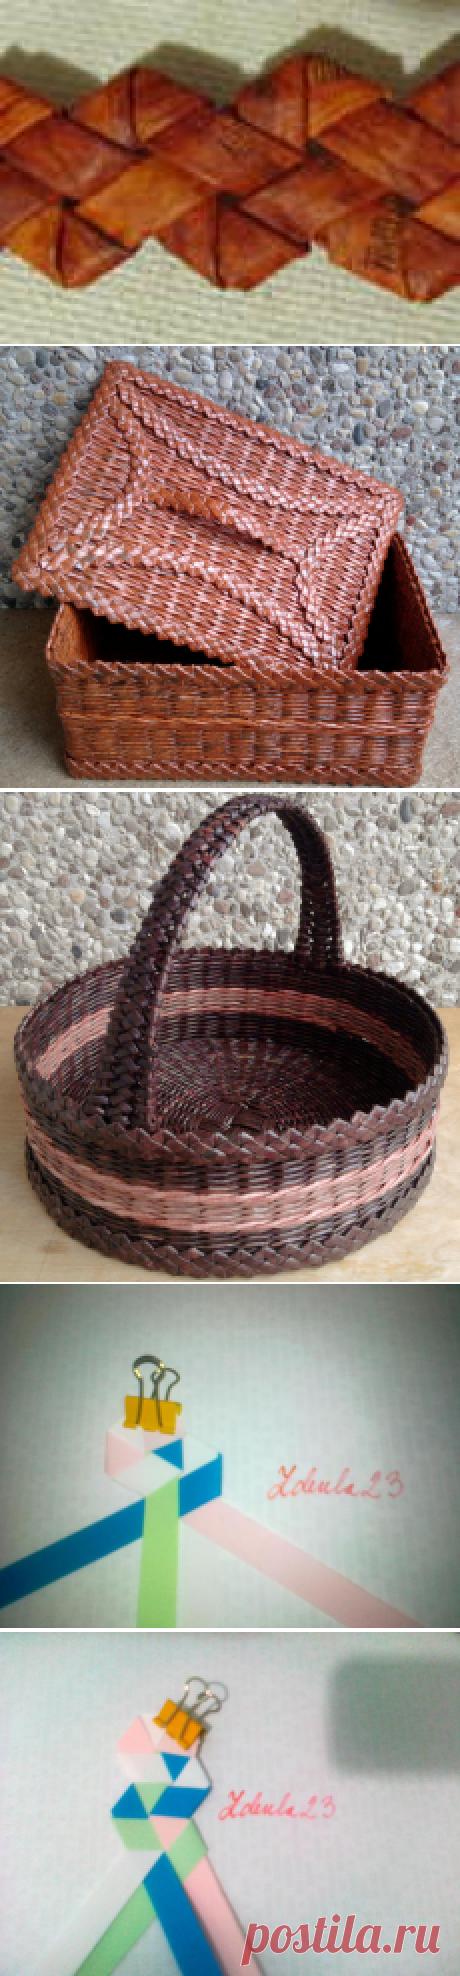 Плетение из газет. Фигурная косичка для декорирования плетенок. МК